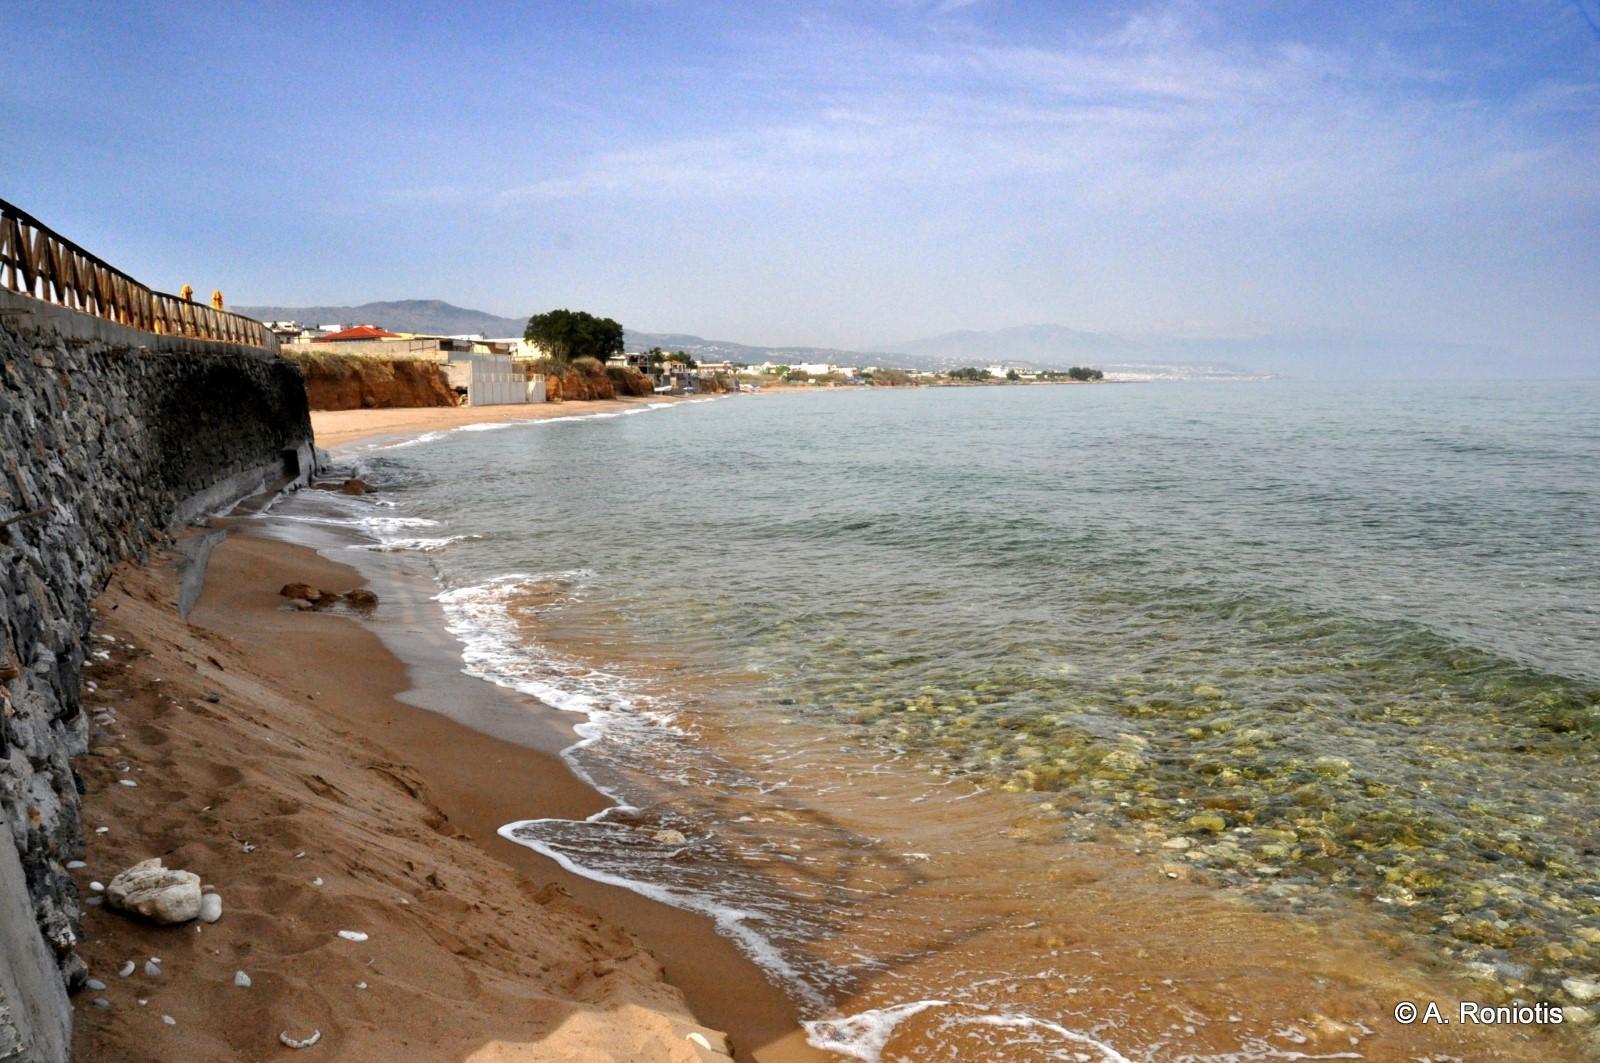 Carte Crete Stavromenos.Skaleta Beaches Travel Guide For Island Crete Greece